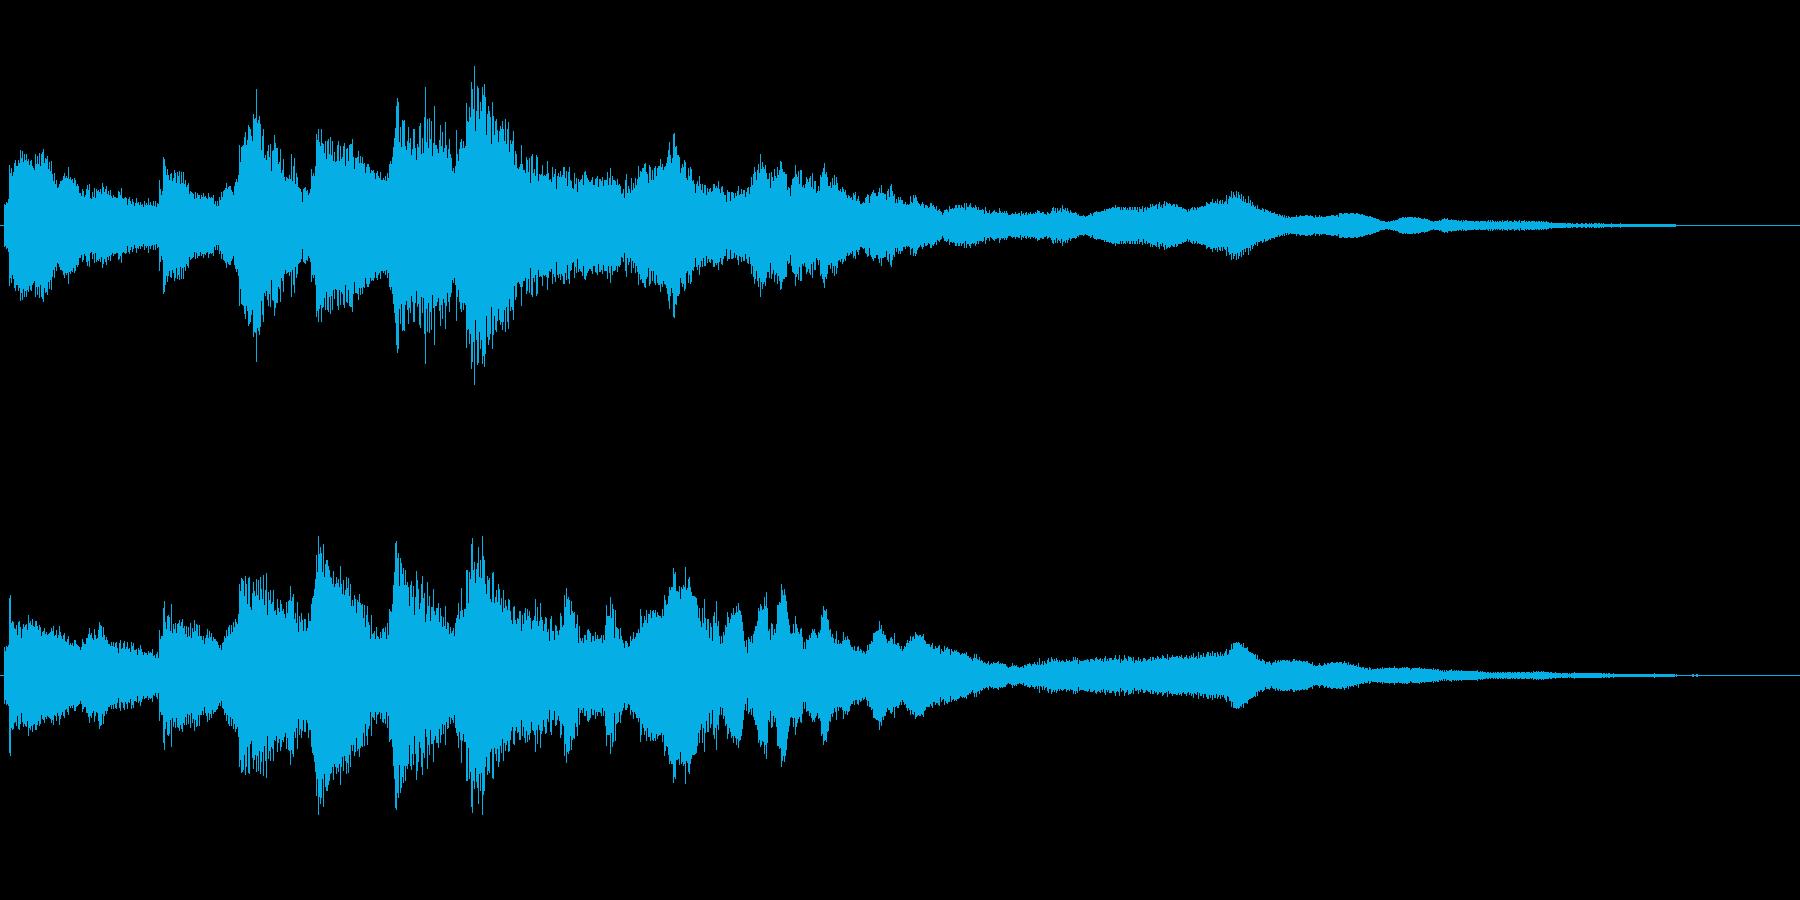 ベルのアイキャッチ音 謎めいた雰囲気の再生済みの波形